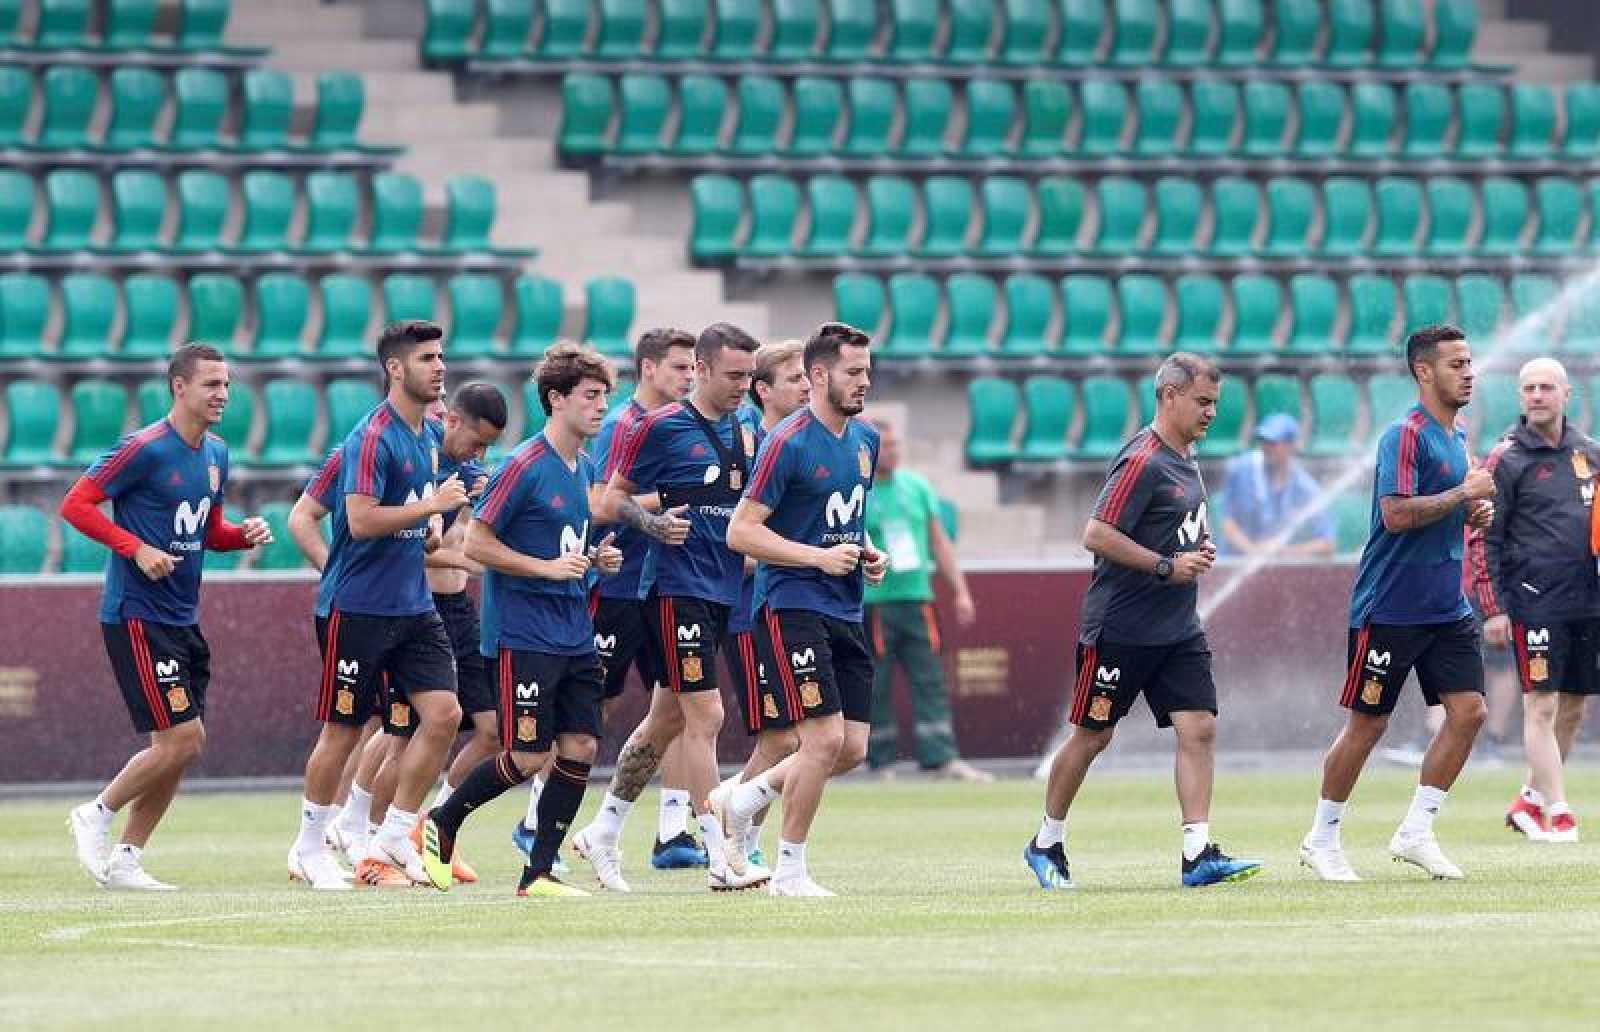 La selección española durante el entrenamiento.